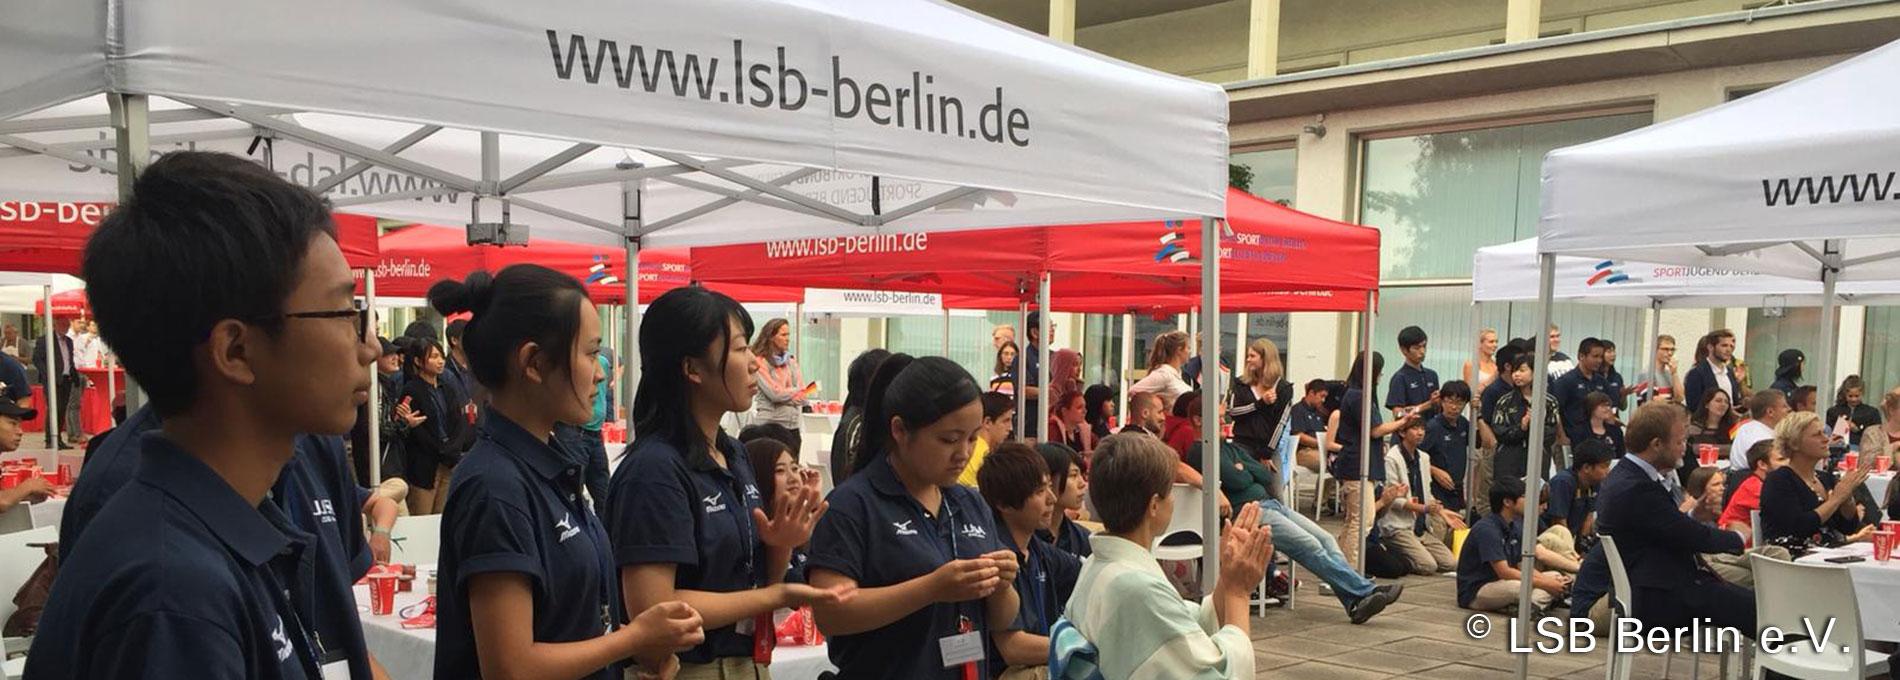 """Japanishche Sportjugend unter einem weißen Faltpavillon mit dem Aufdruck """"www.lsb-berlin.de""""."""